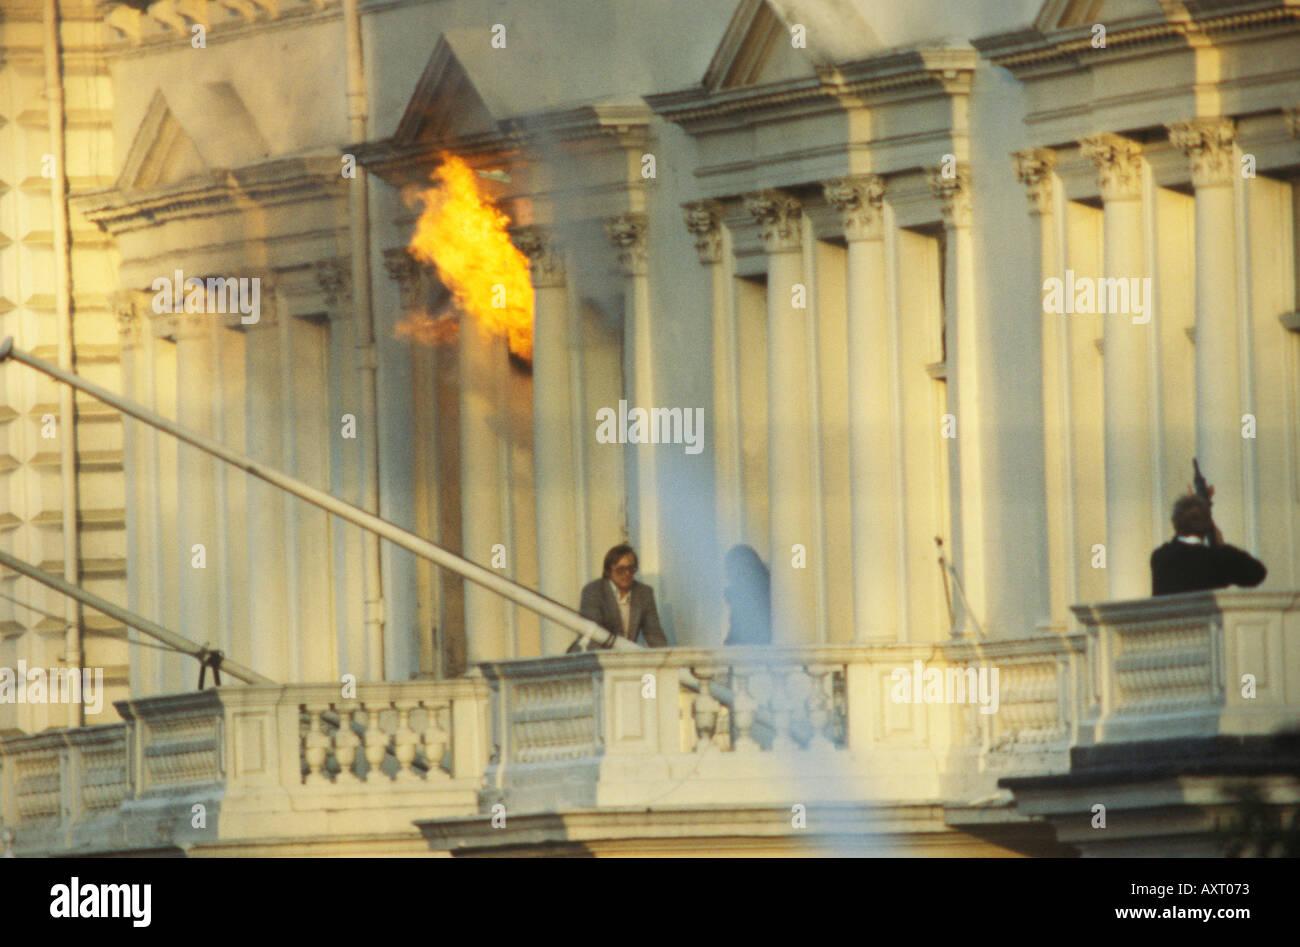 Asedio a la embajada de Irán el 5 de mayo de 1980, Londres, Reino Unido 1980 Simeón 'sim' Harris escapando del edificio. Foto de stock